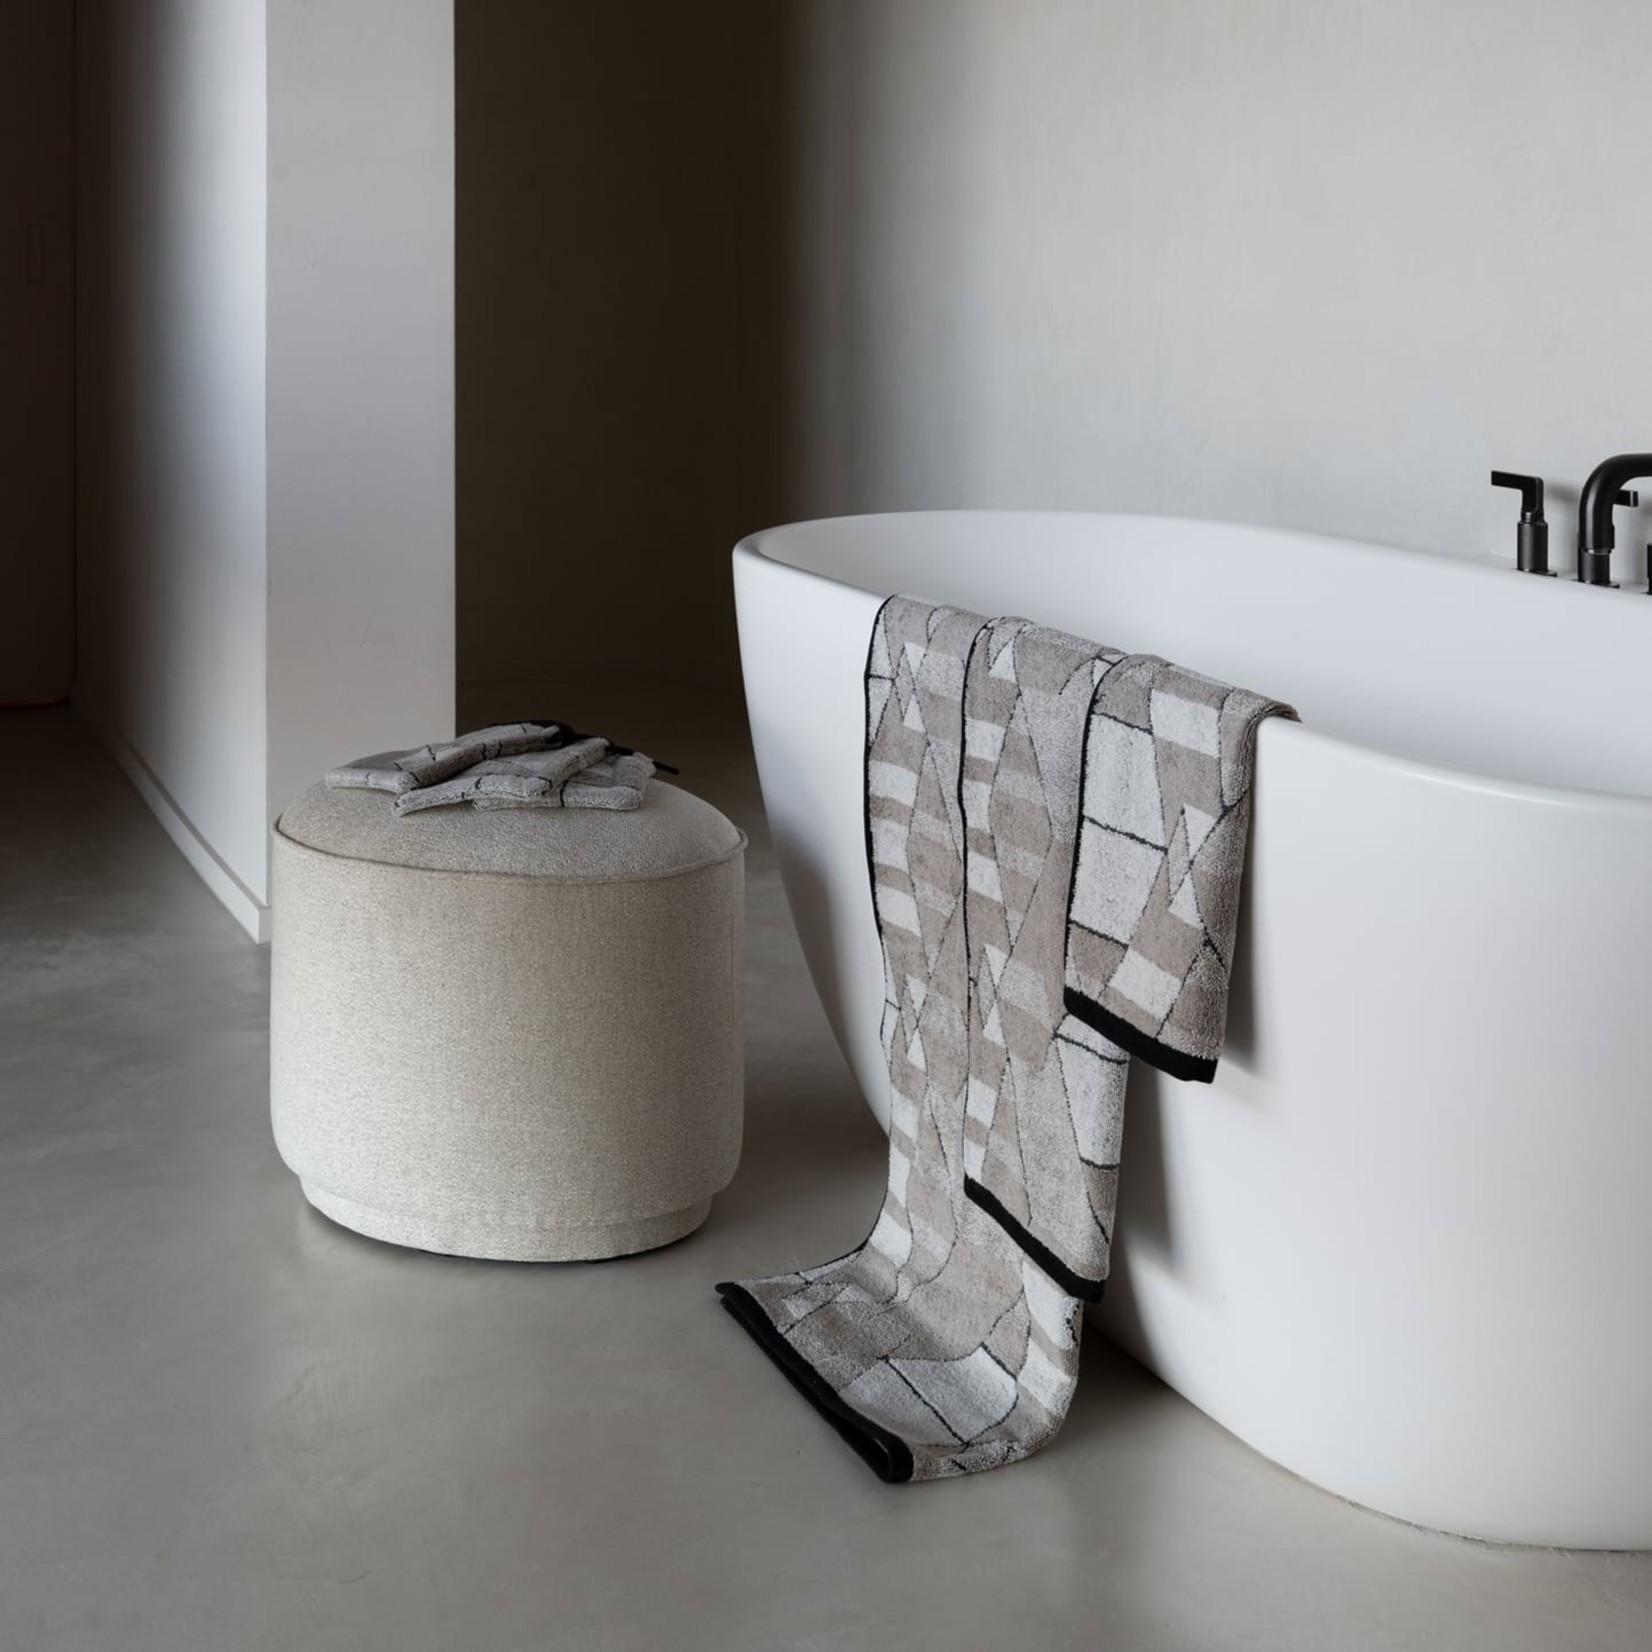 Evolution 21 Coup De Foudre | Bath Linen Limited Edition Box